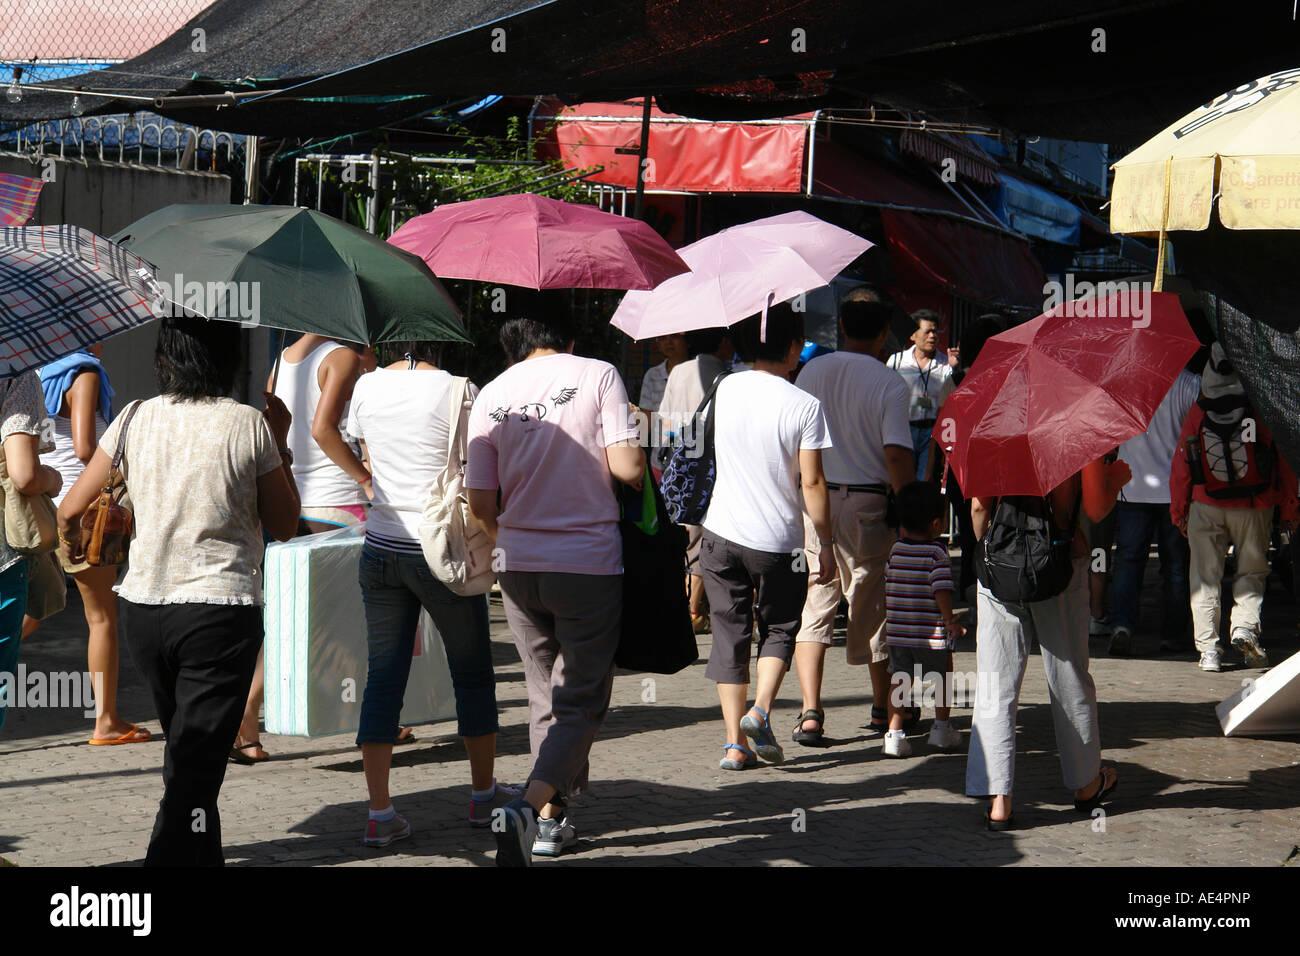 People with UV protection umbrella Cheung Chau Hong Kong China - Stock Image